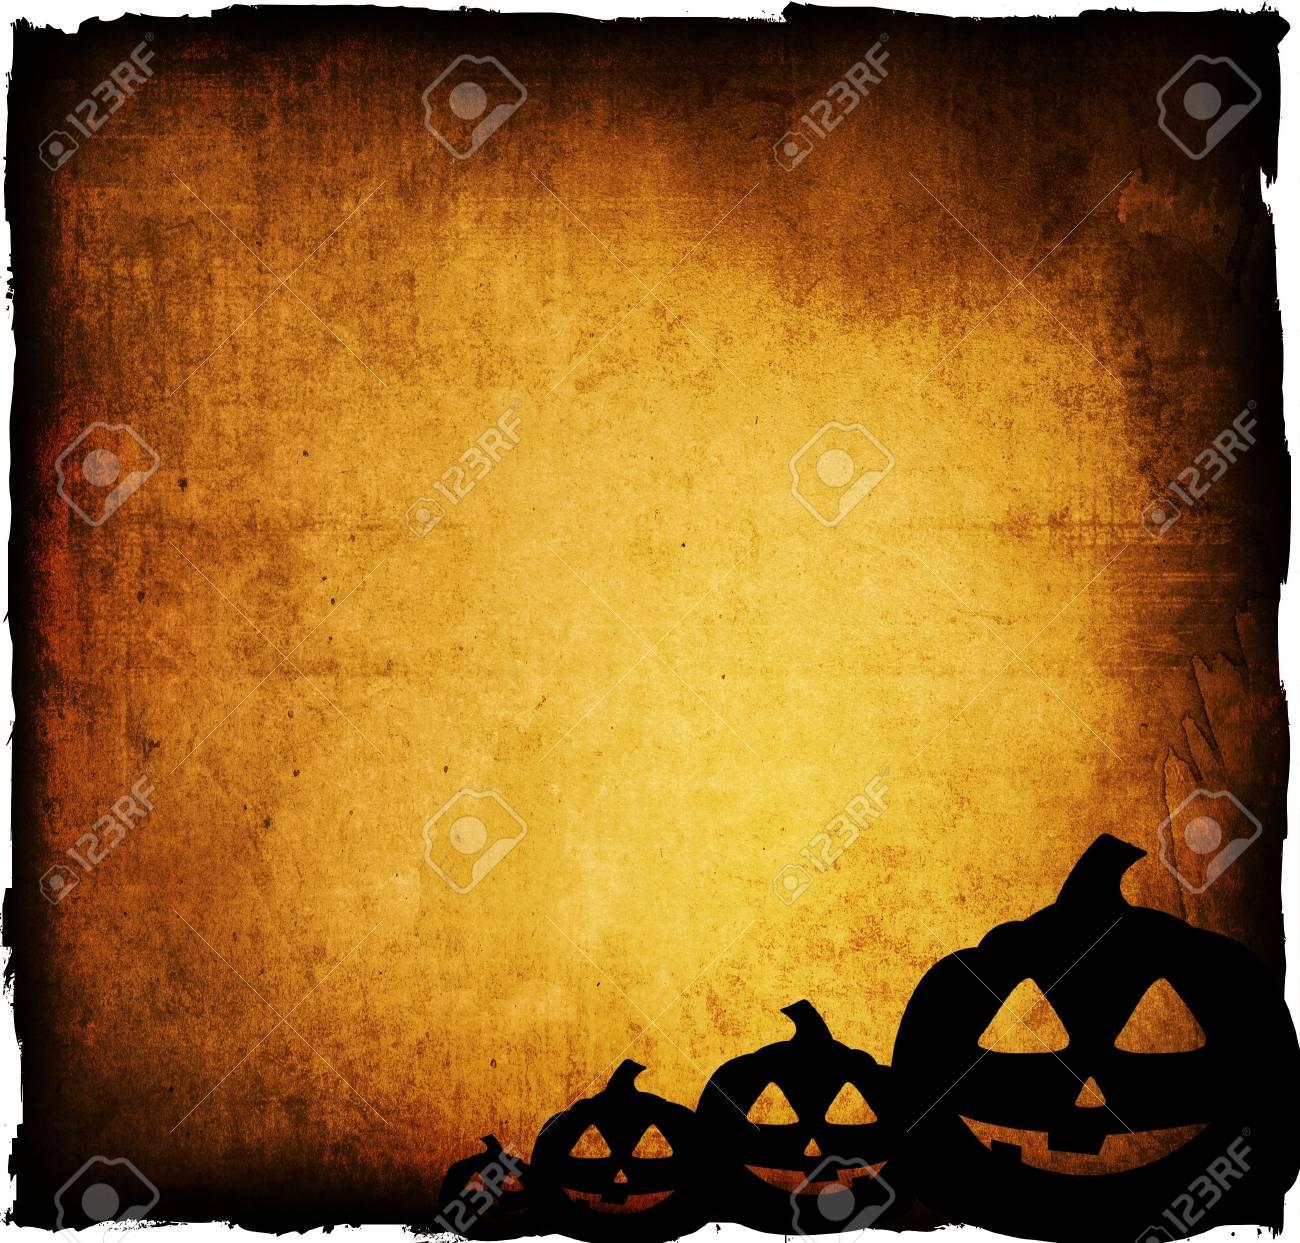 Halloween pumpkins with pumpkin friends Stock Photo - 15528655